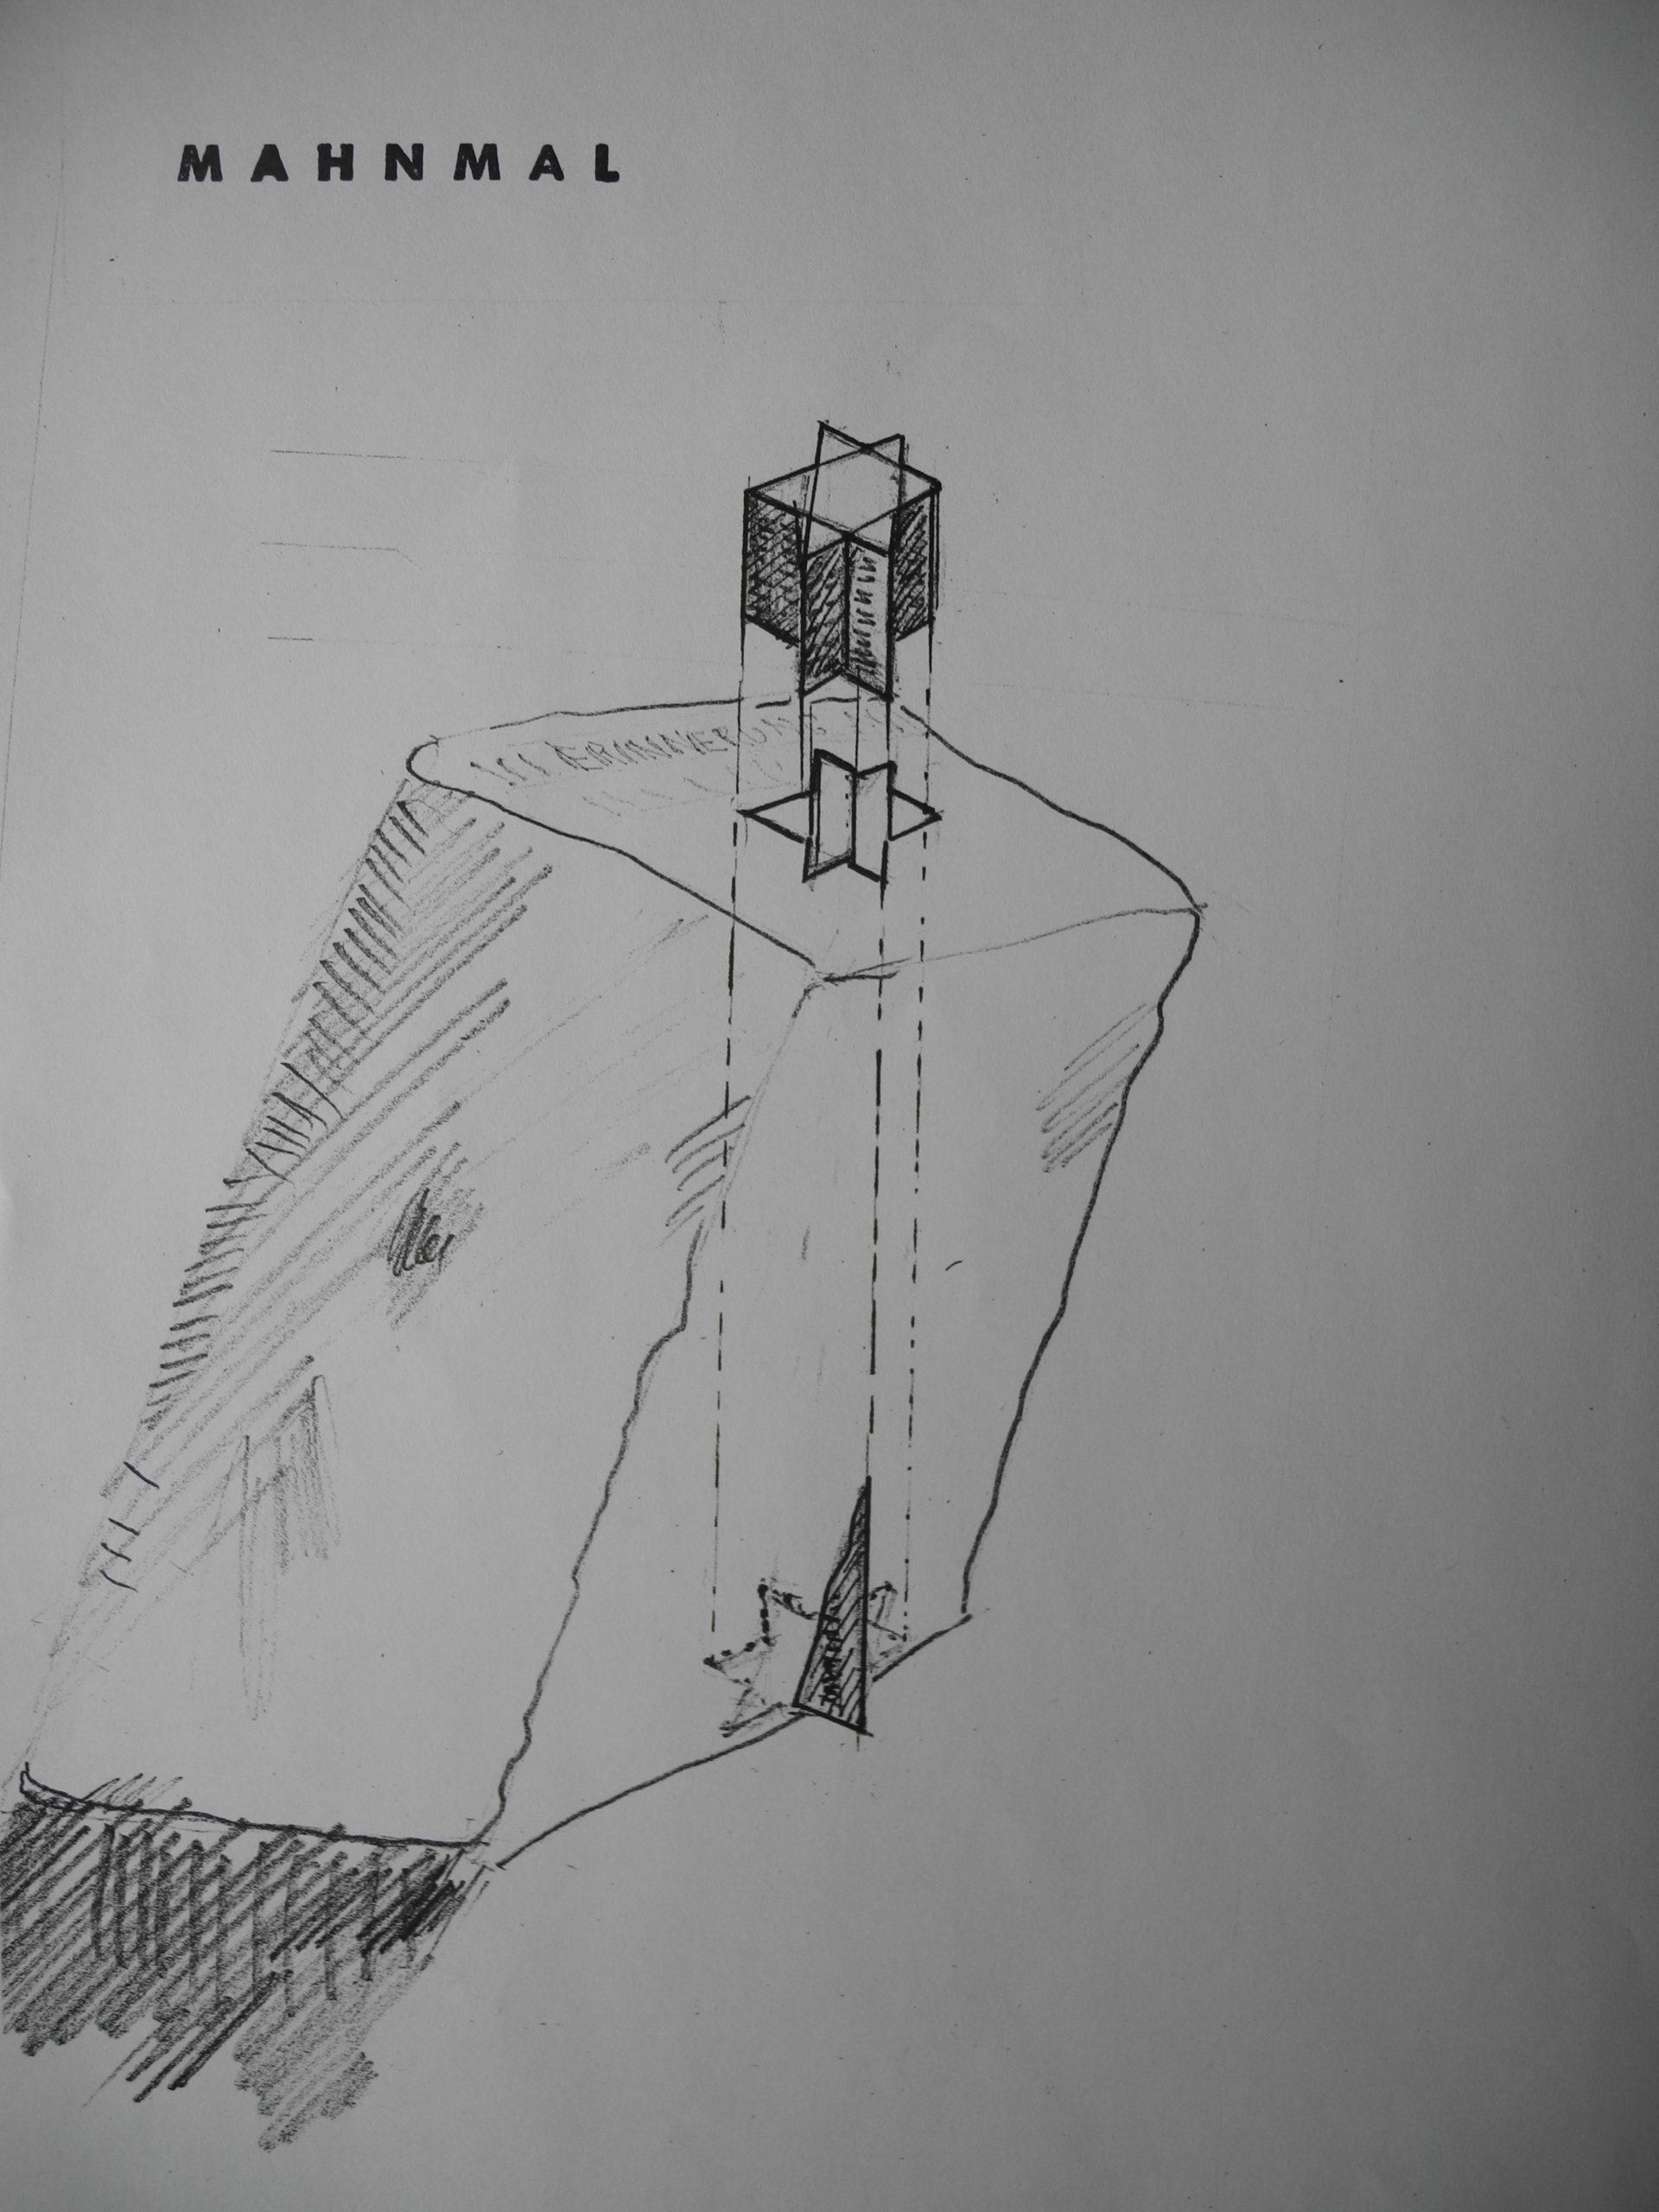 Mahnmal für die ermordeten jüdischen Bürger, Zeichnung, Herzogenrath, Rathausvorplatz, 2004